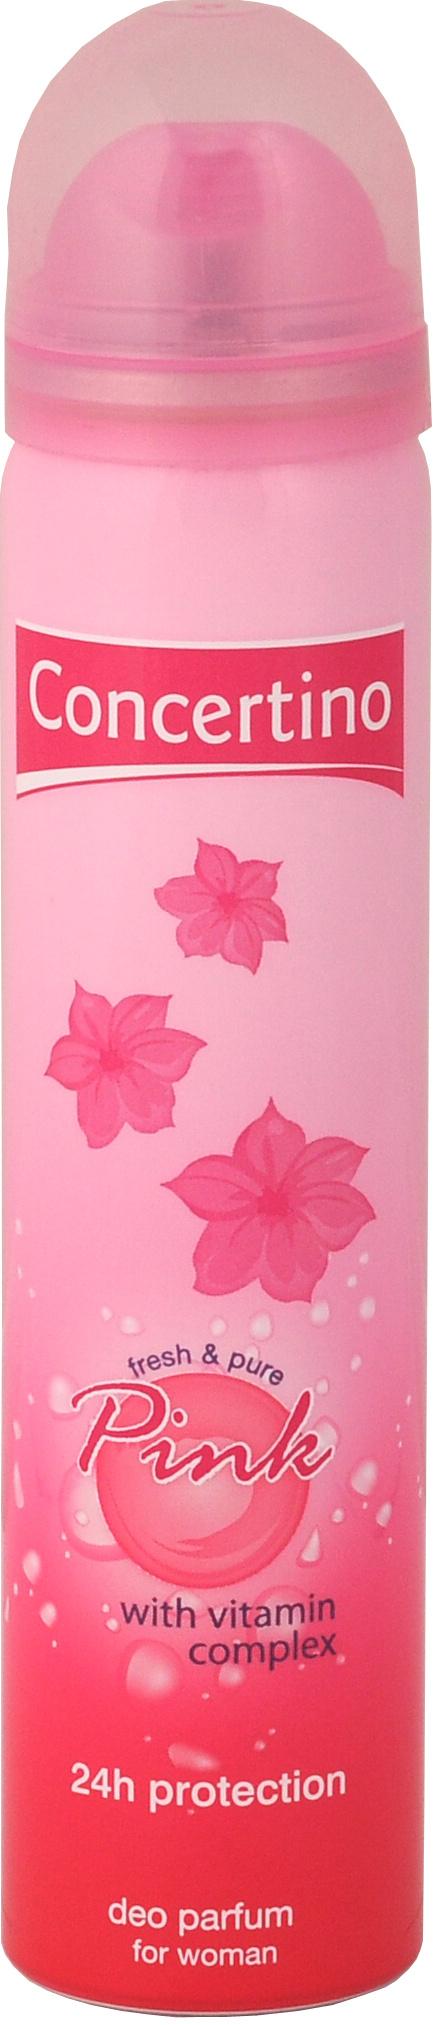 Concertino Deo sprej dámský 75 ml - Pink